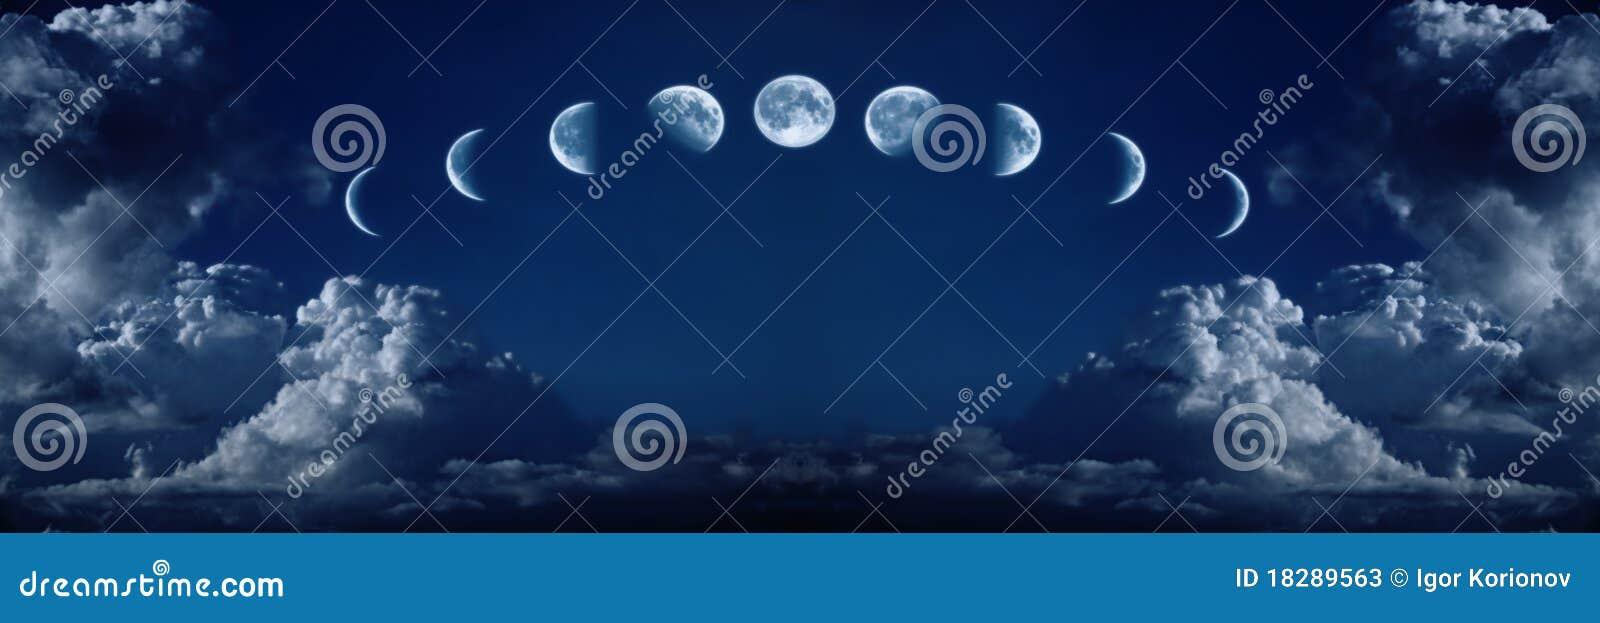 Nueve fases del ciclo de crecimiento completo de la luna